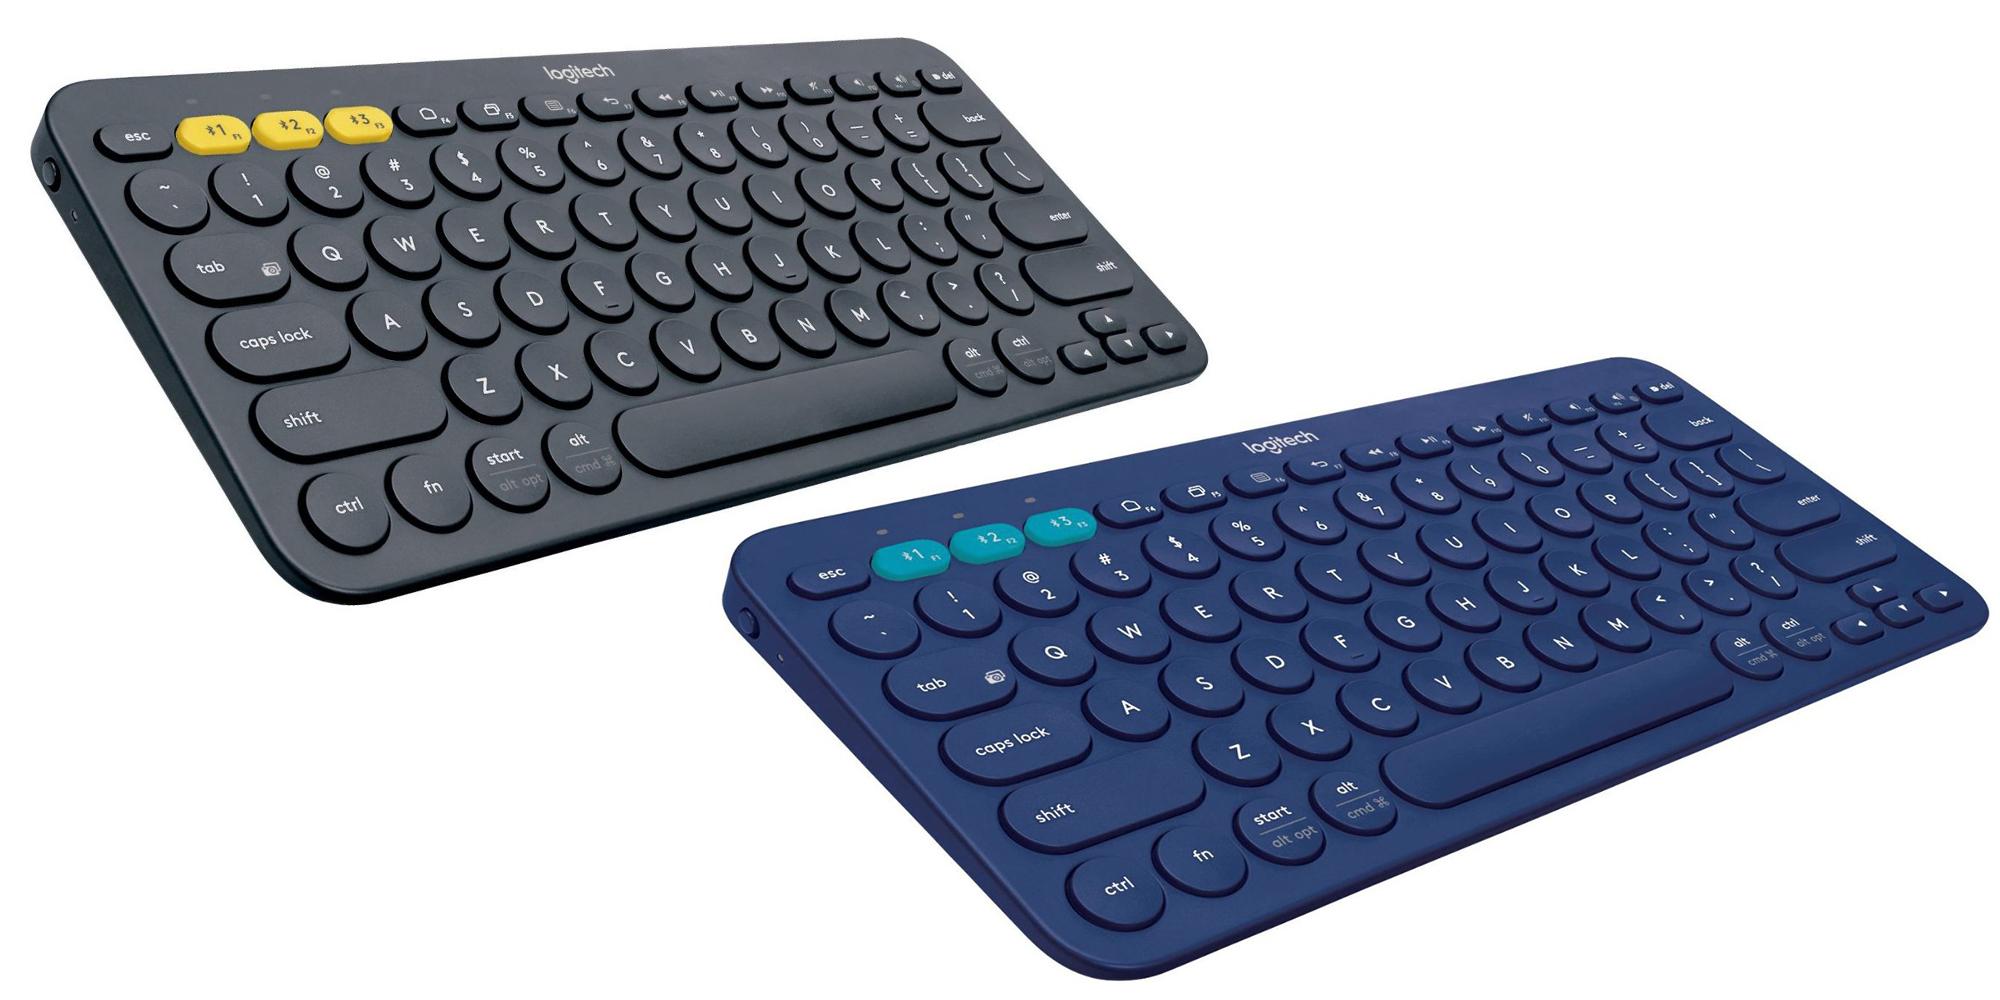 logitech-k480-keyboards